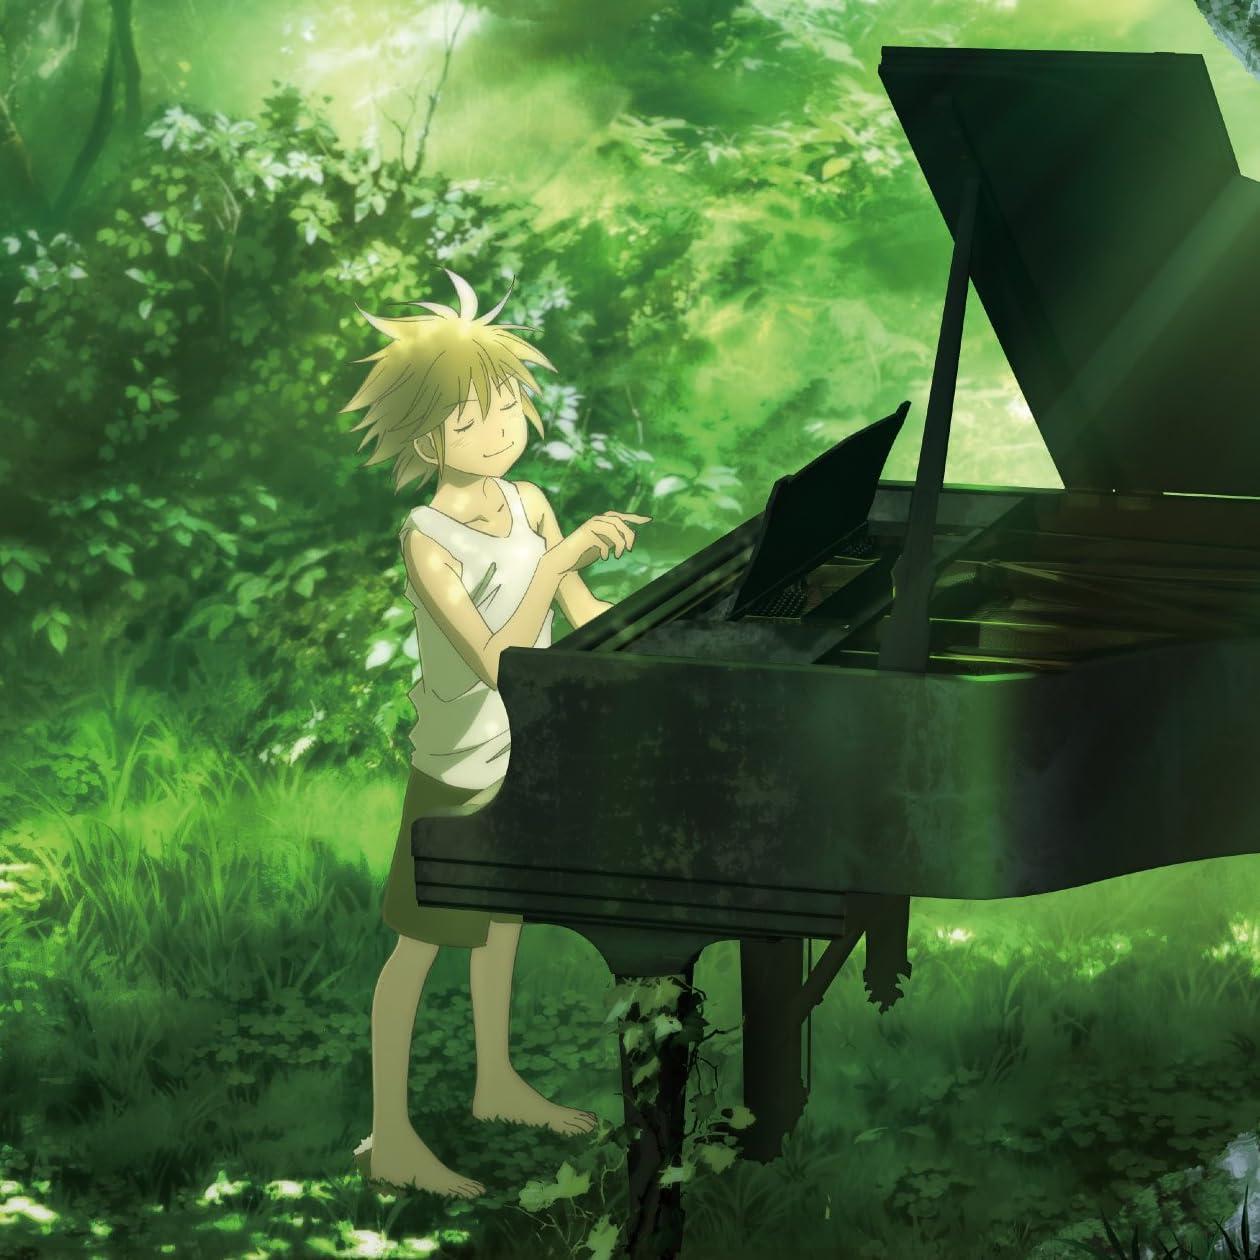 ピアノの森 Ipad壁紙 一ノ瀬 海 いちのせ かい アニメ スマホ用画像